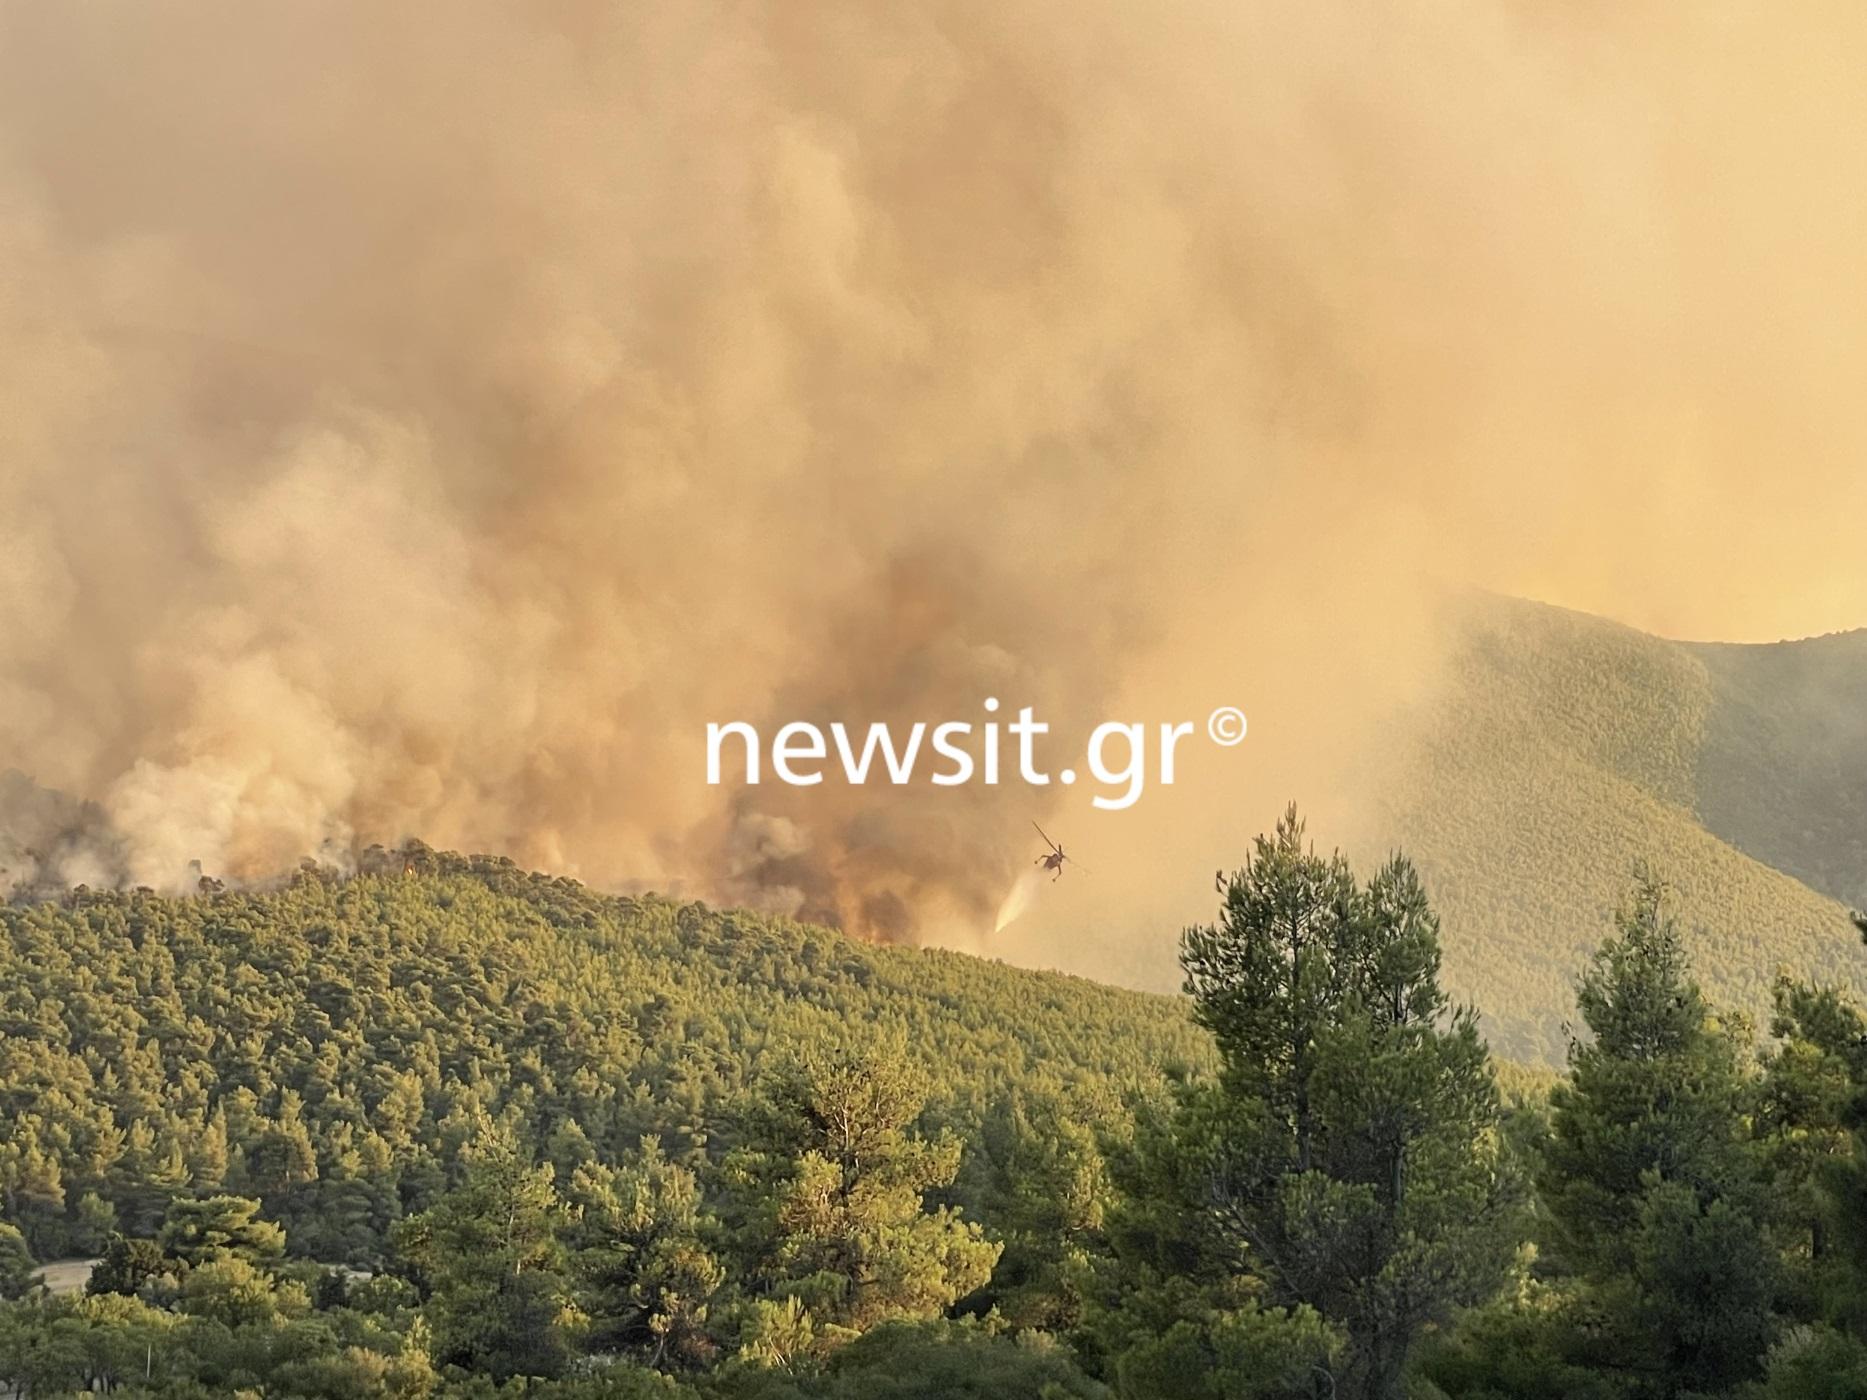 Φωτιές στην Αττική: Μάχη για να μην φτάσουν οι φλόγες στα Βίλια – Παραμένει το πύρινο μέτωπο στην Κερατέα